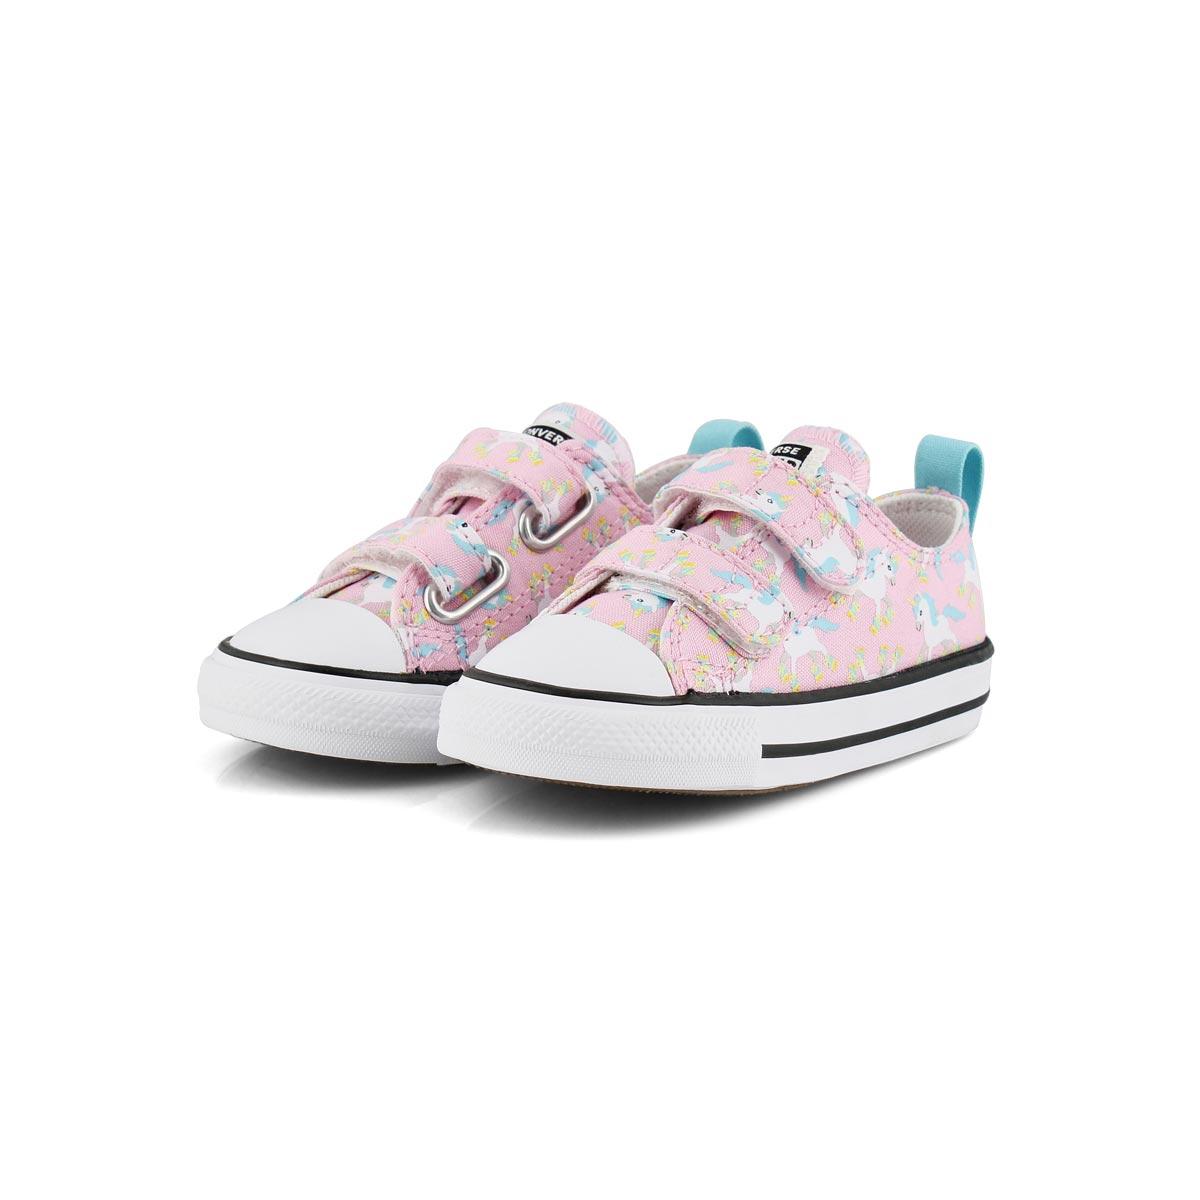 Inf-g CT All Star 2V unicorn sneaker